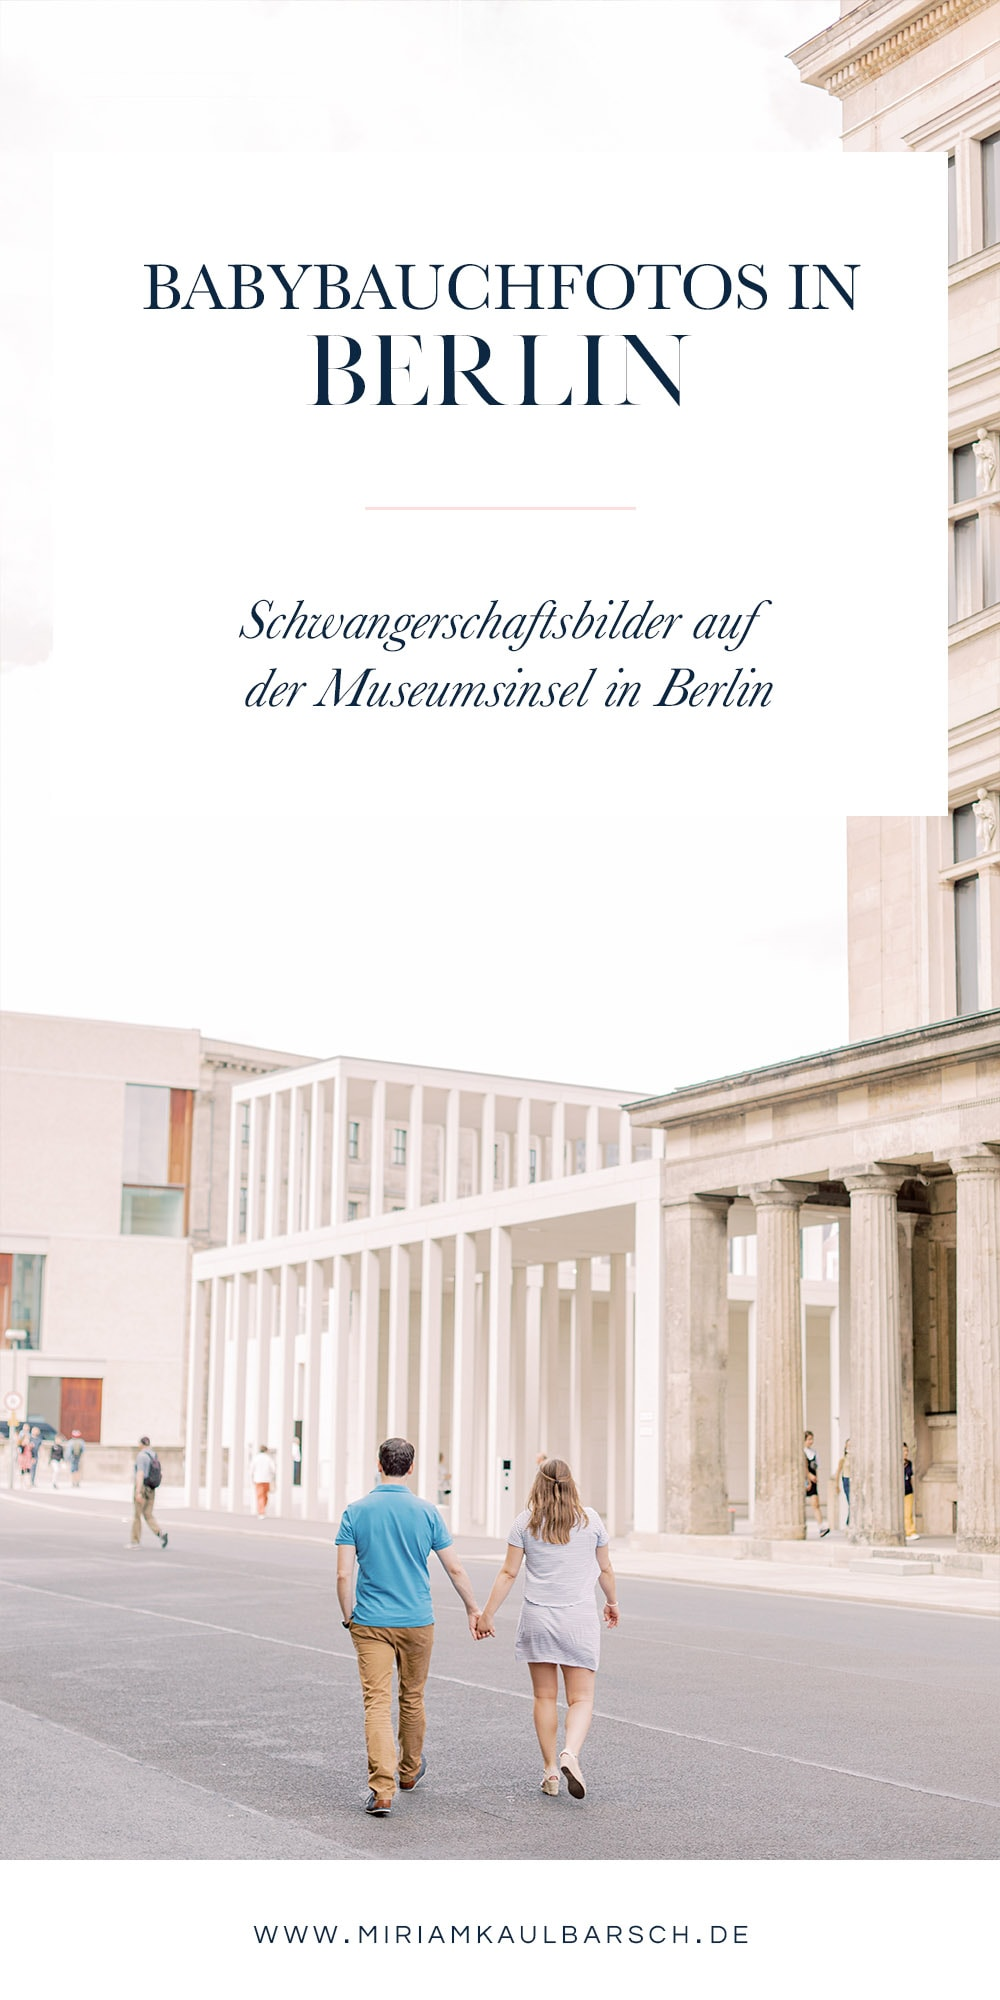 Babybauchfotos auf der Museumsinsel in Berlin